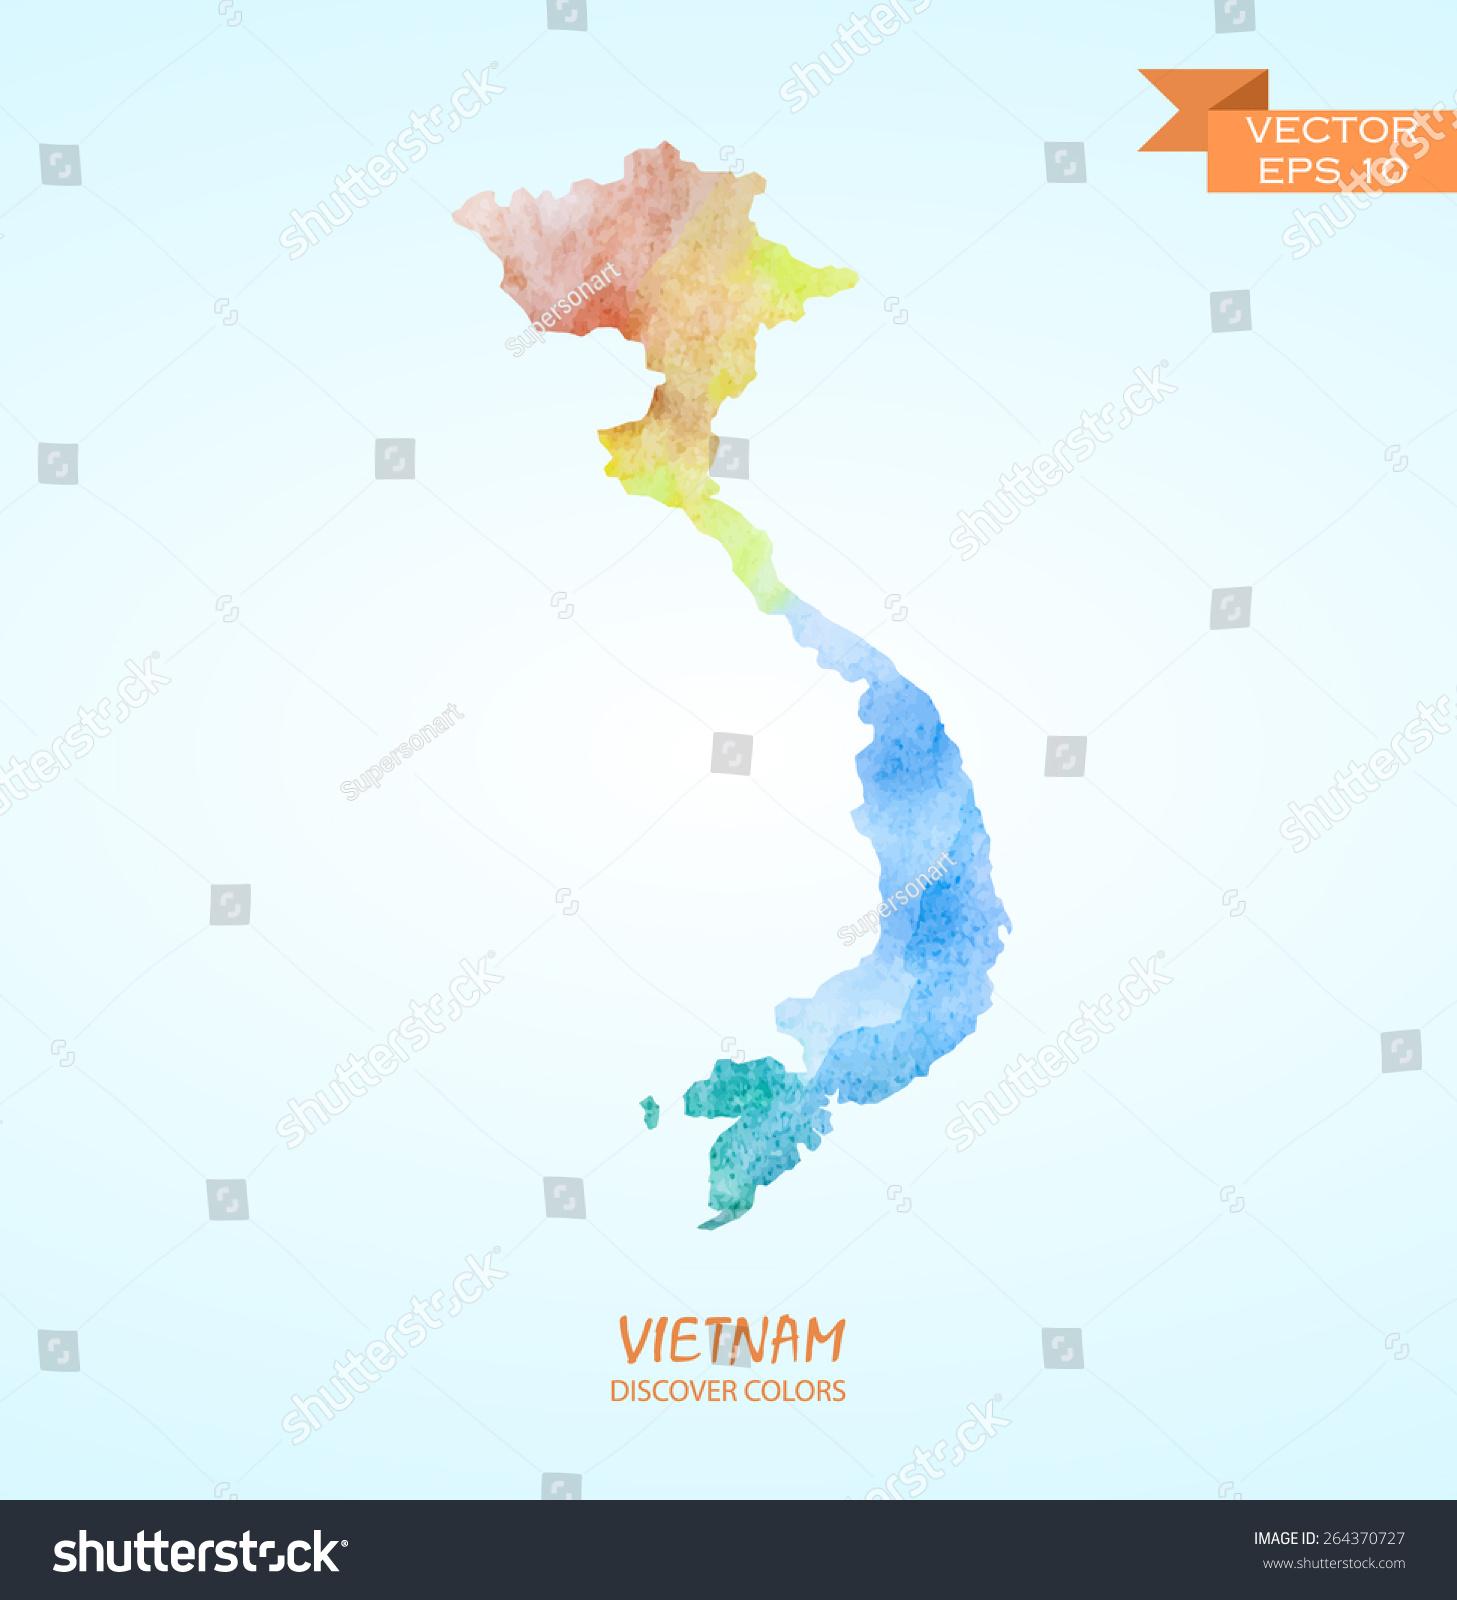 手绘水彩越南地图孤立.向量的版本-物体,符号/标志-()